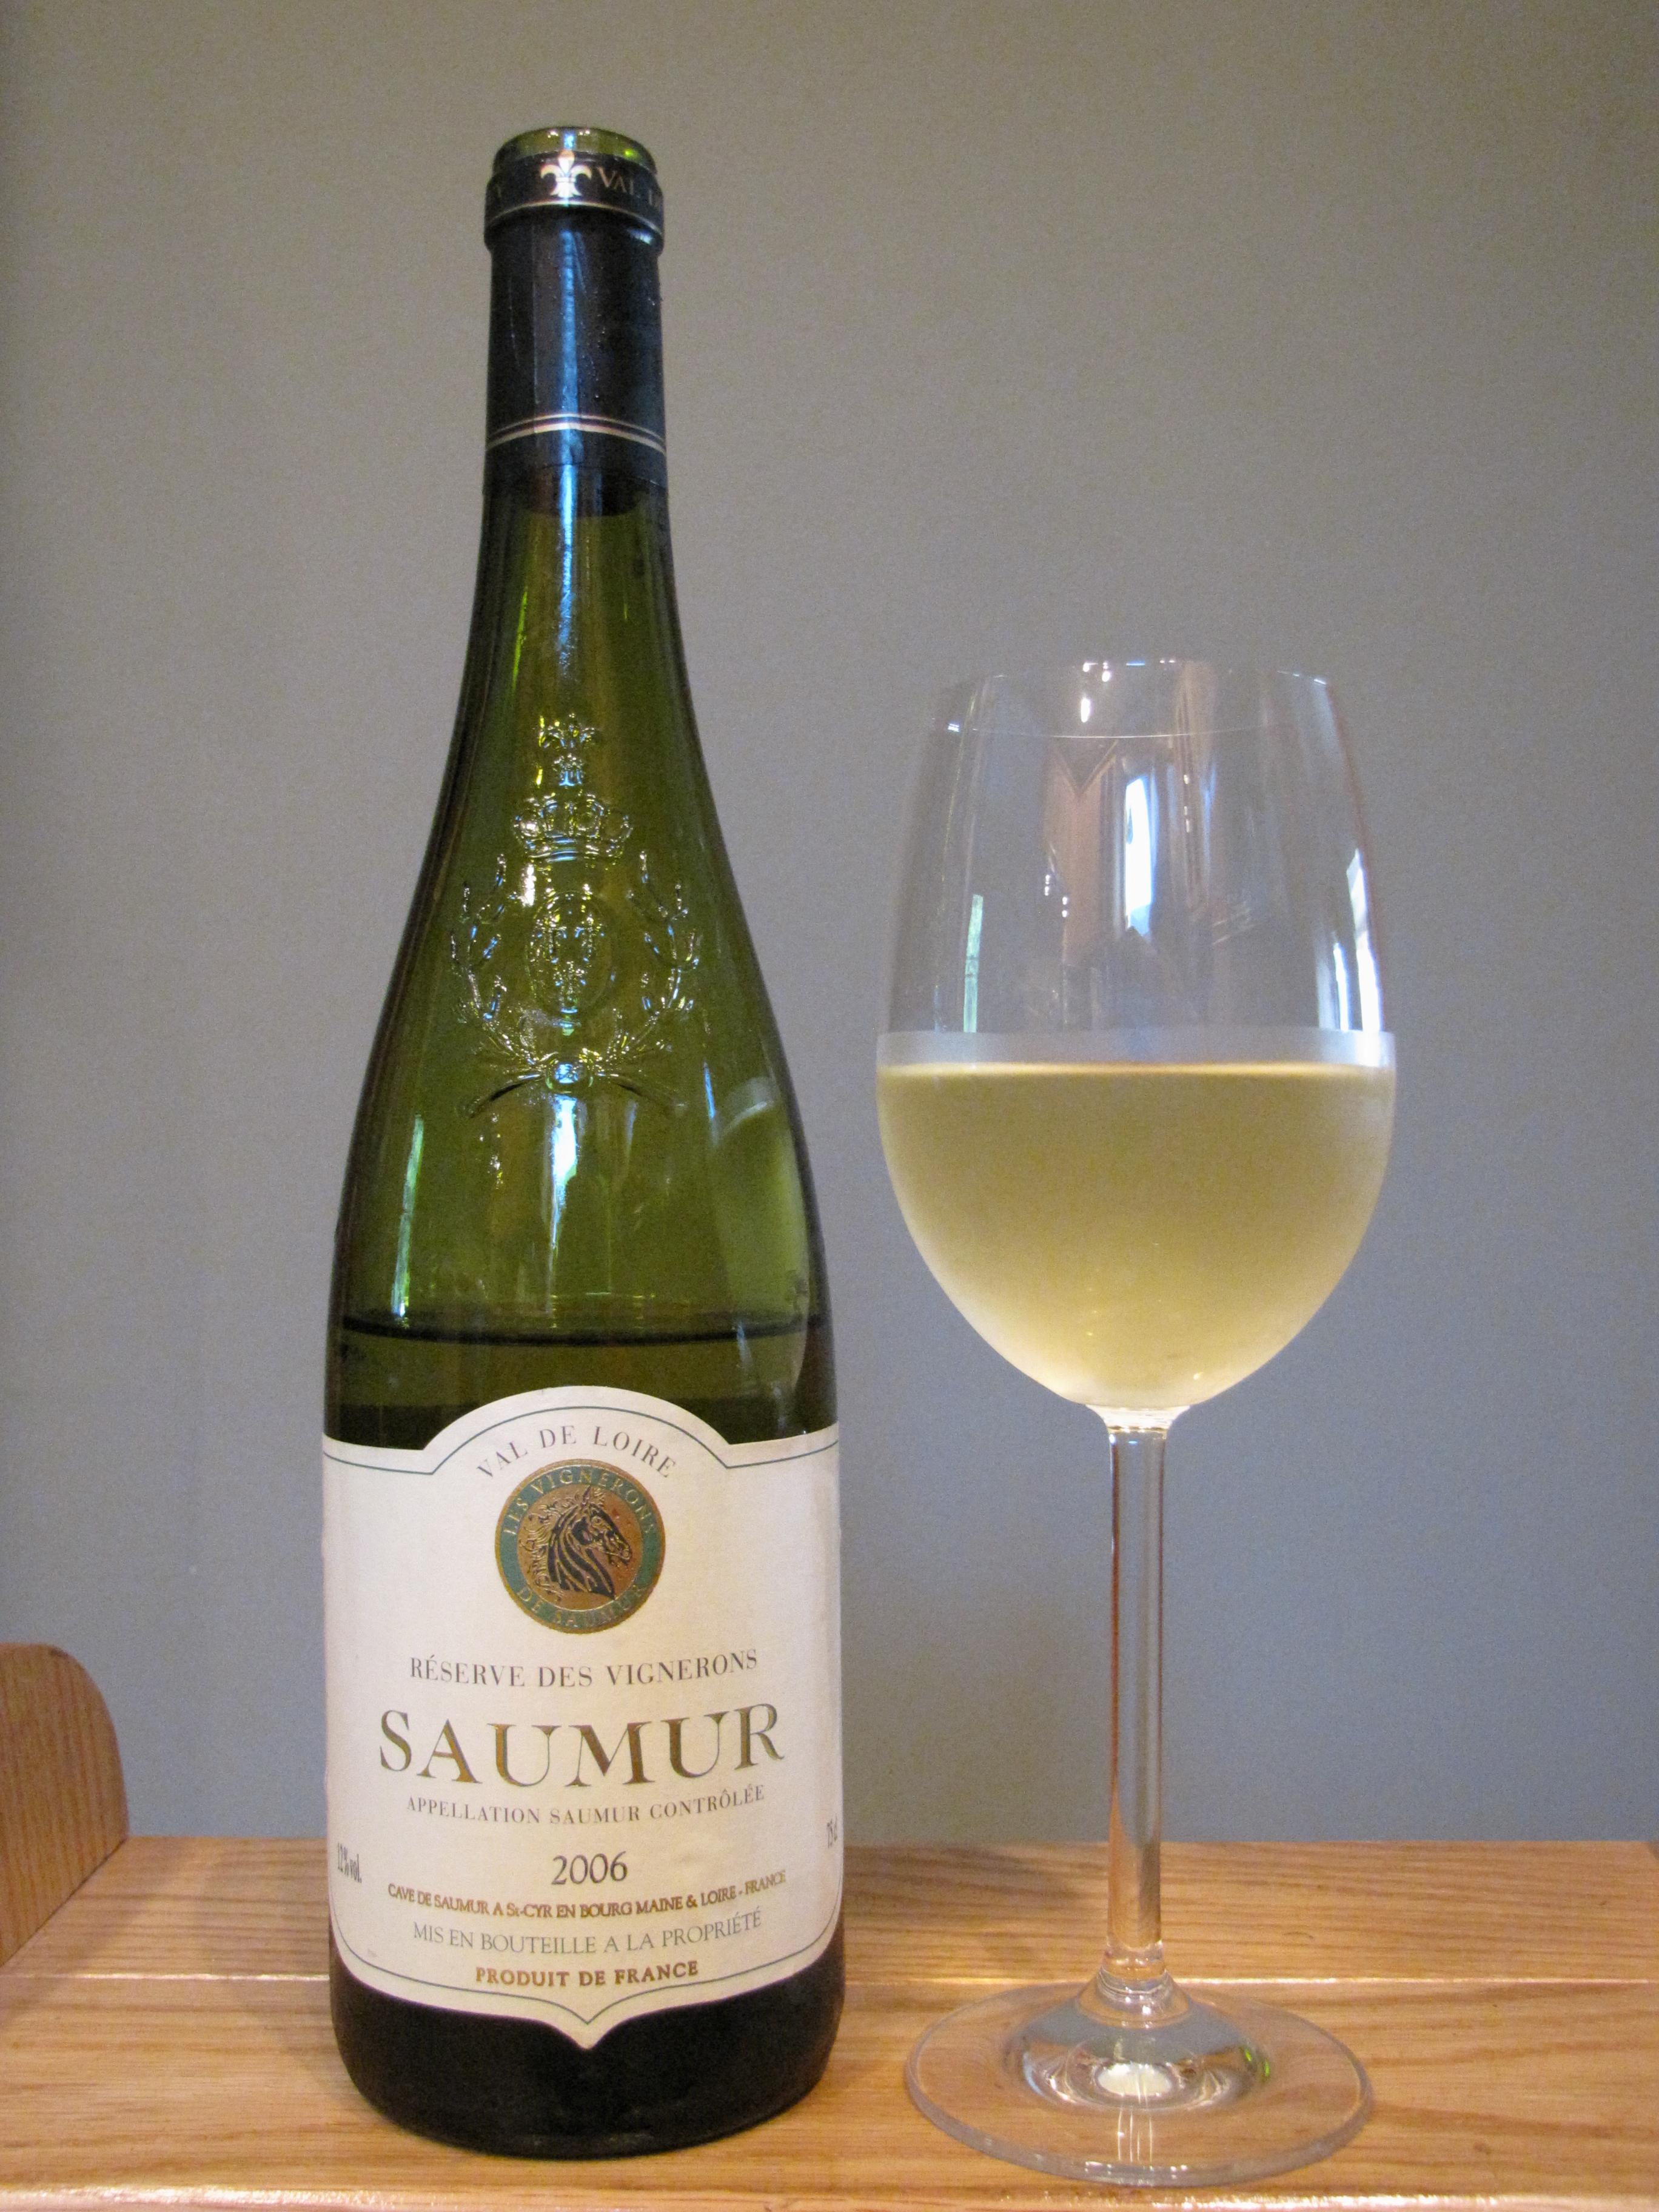 Cave de Saumur Saumur Réserve des Vignerons (2006)